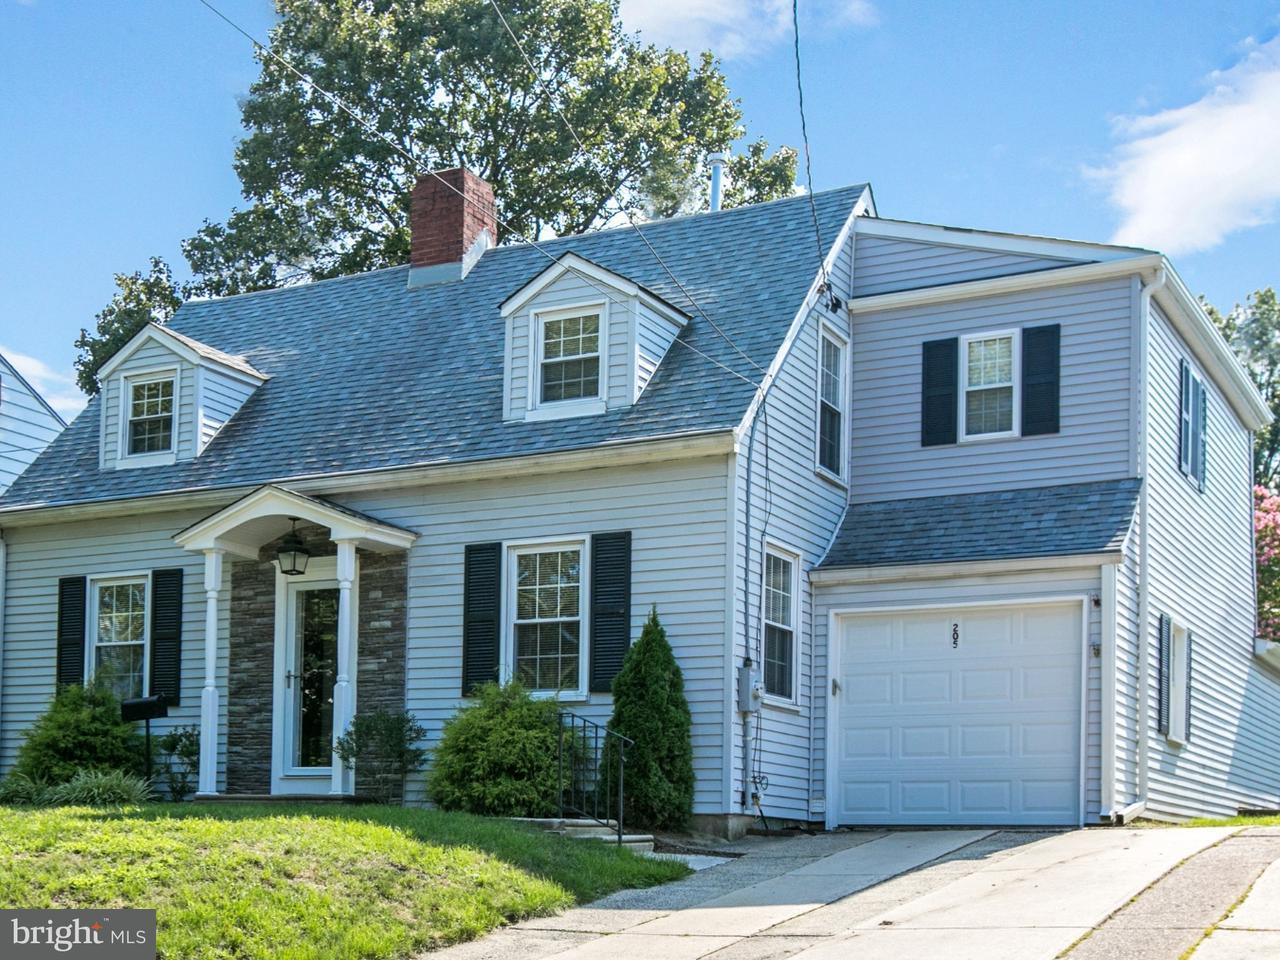 Casa Unifamiliar por un Venta en 205 HARDING Avenue Haddon Township, Nueva Jersey 08108 Estados Unidos